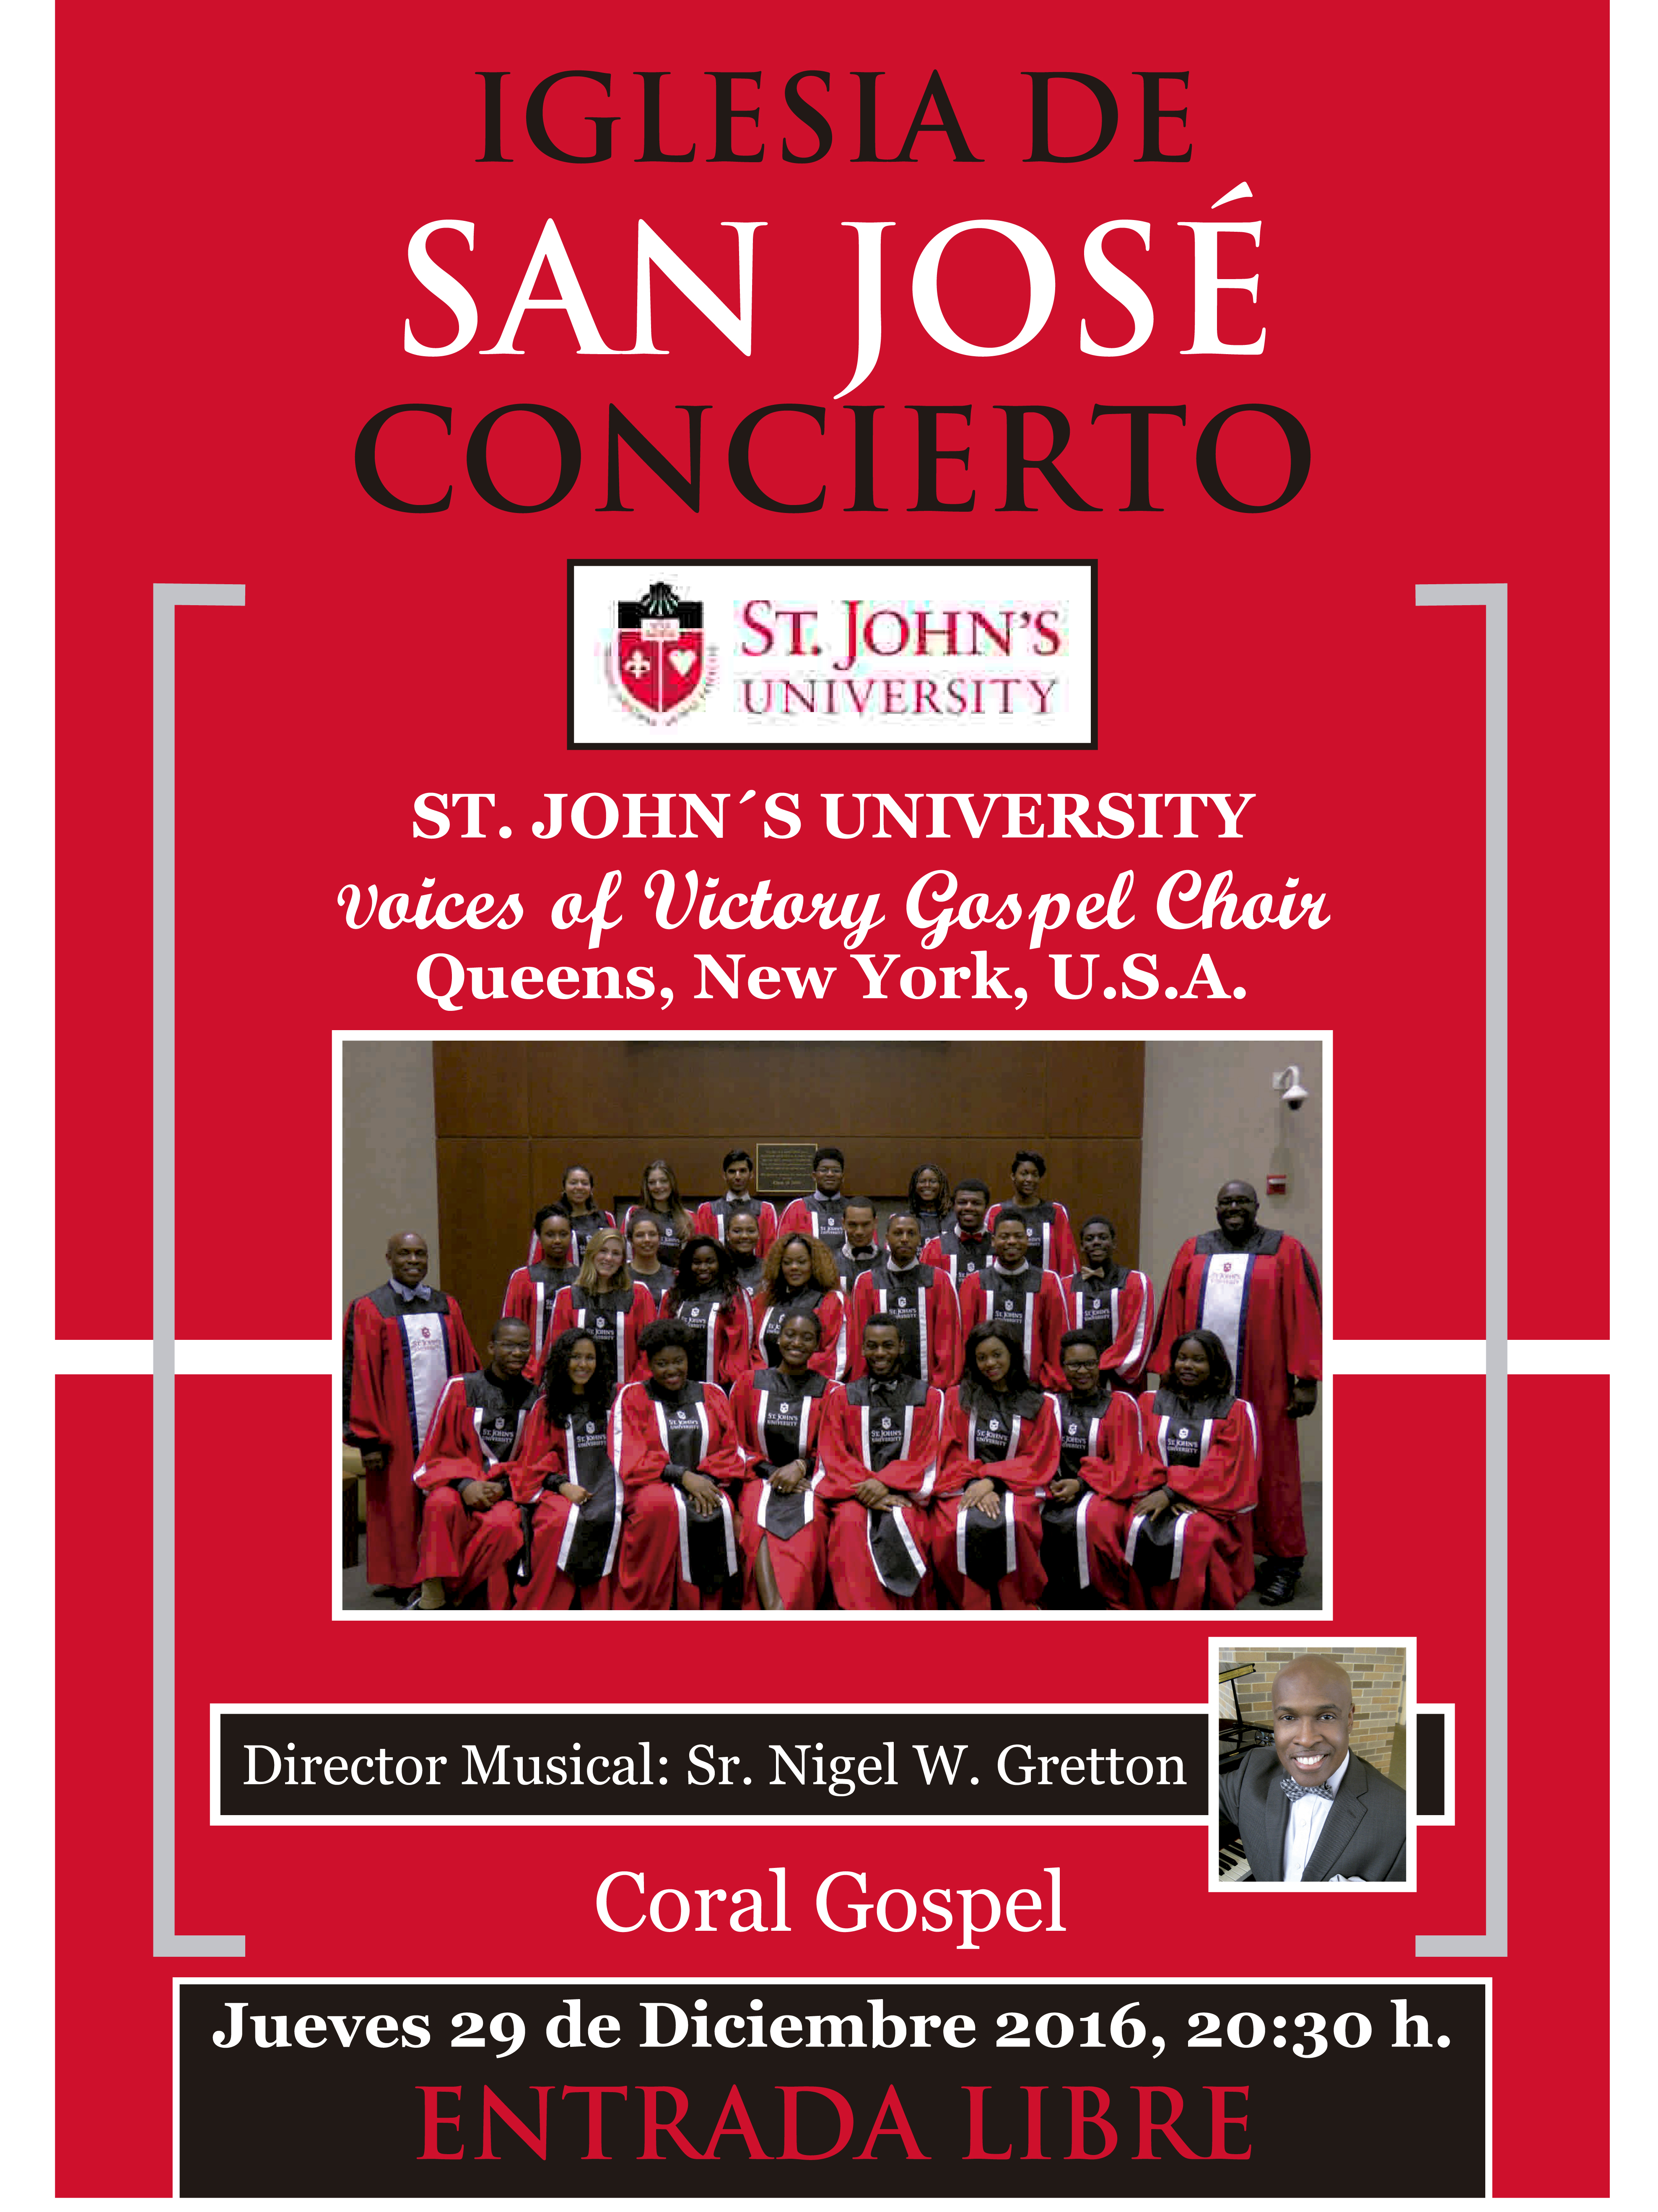 poster_iglesia_san_jose1